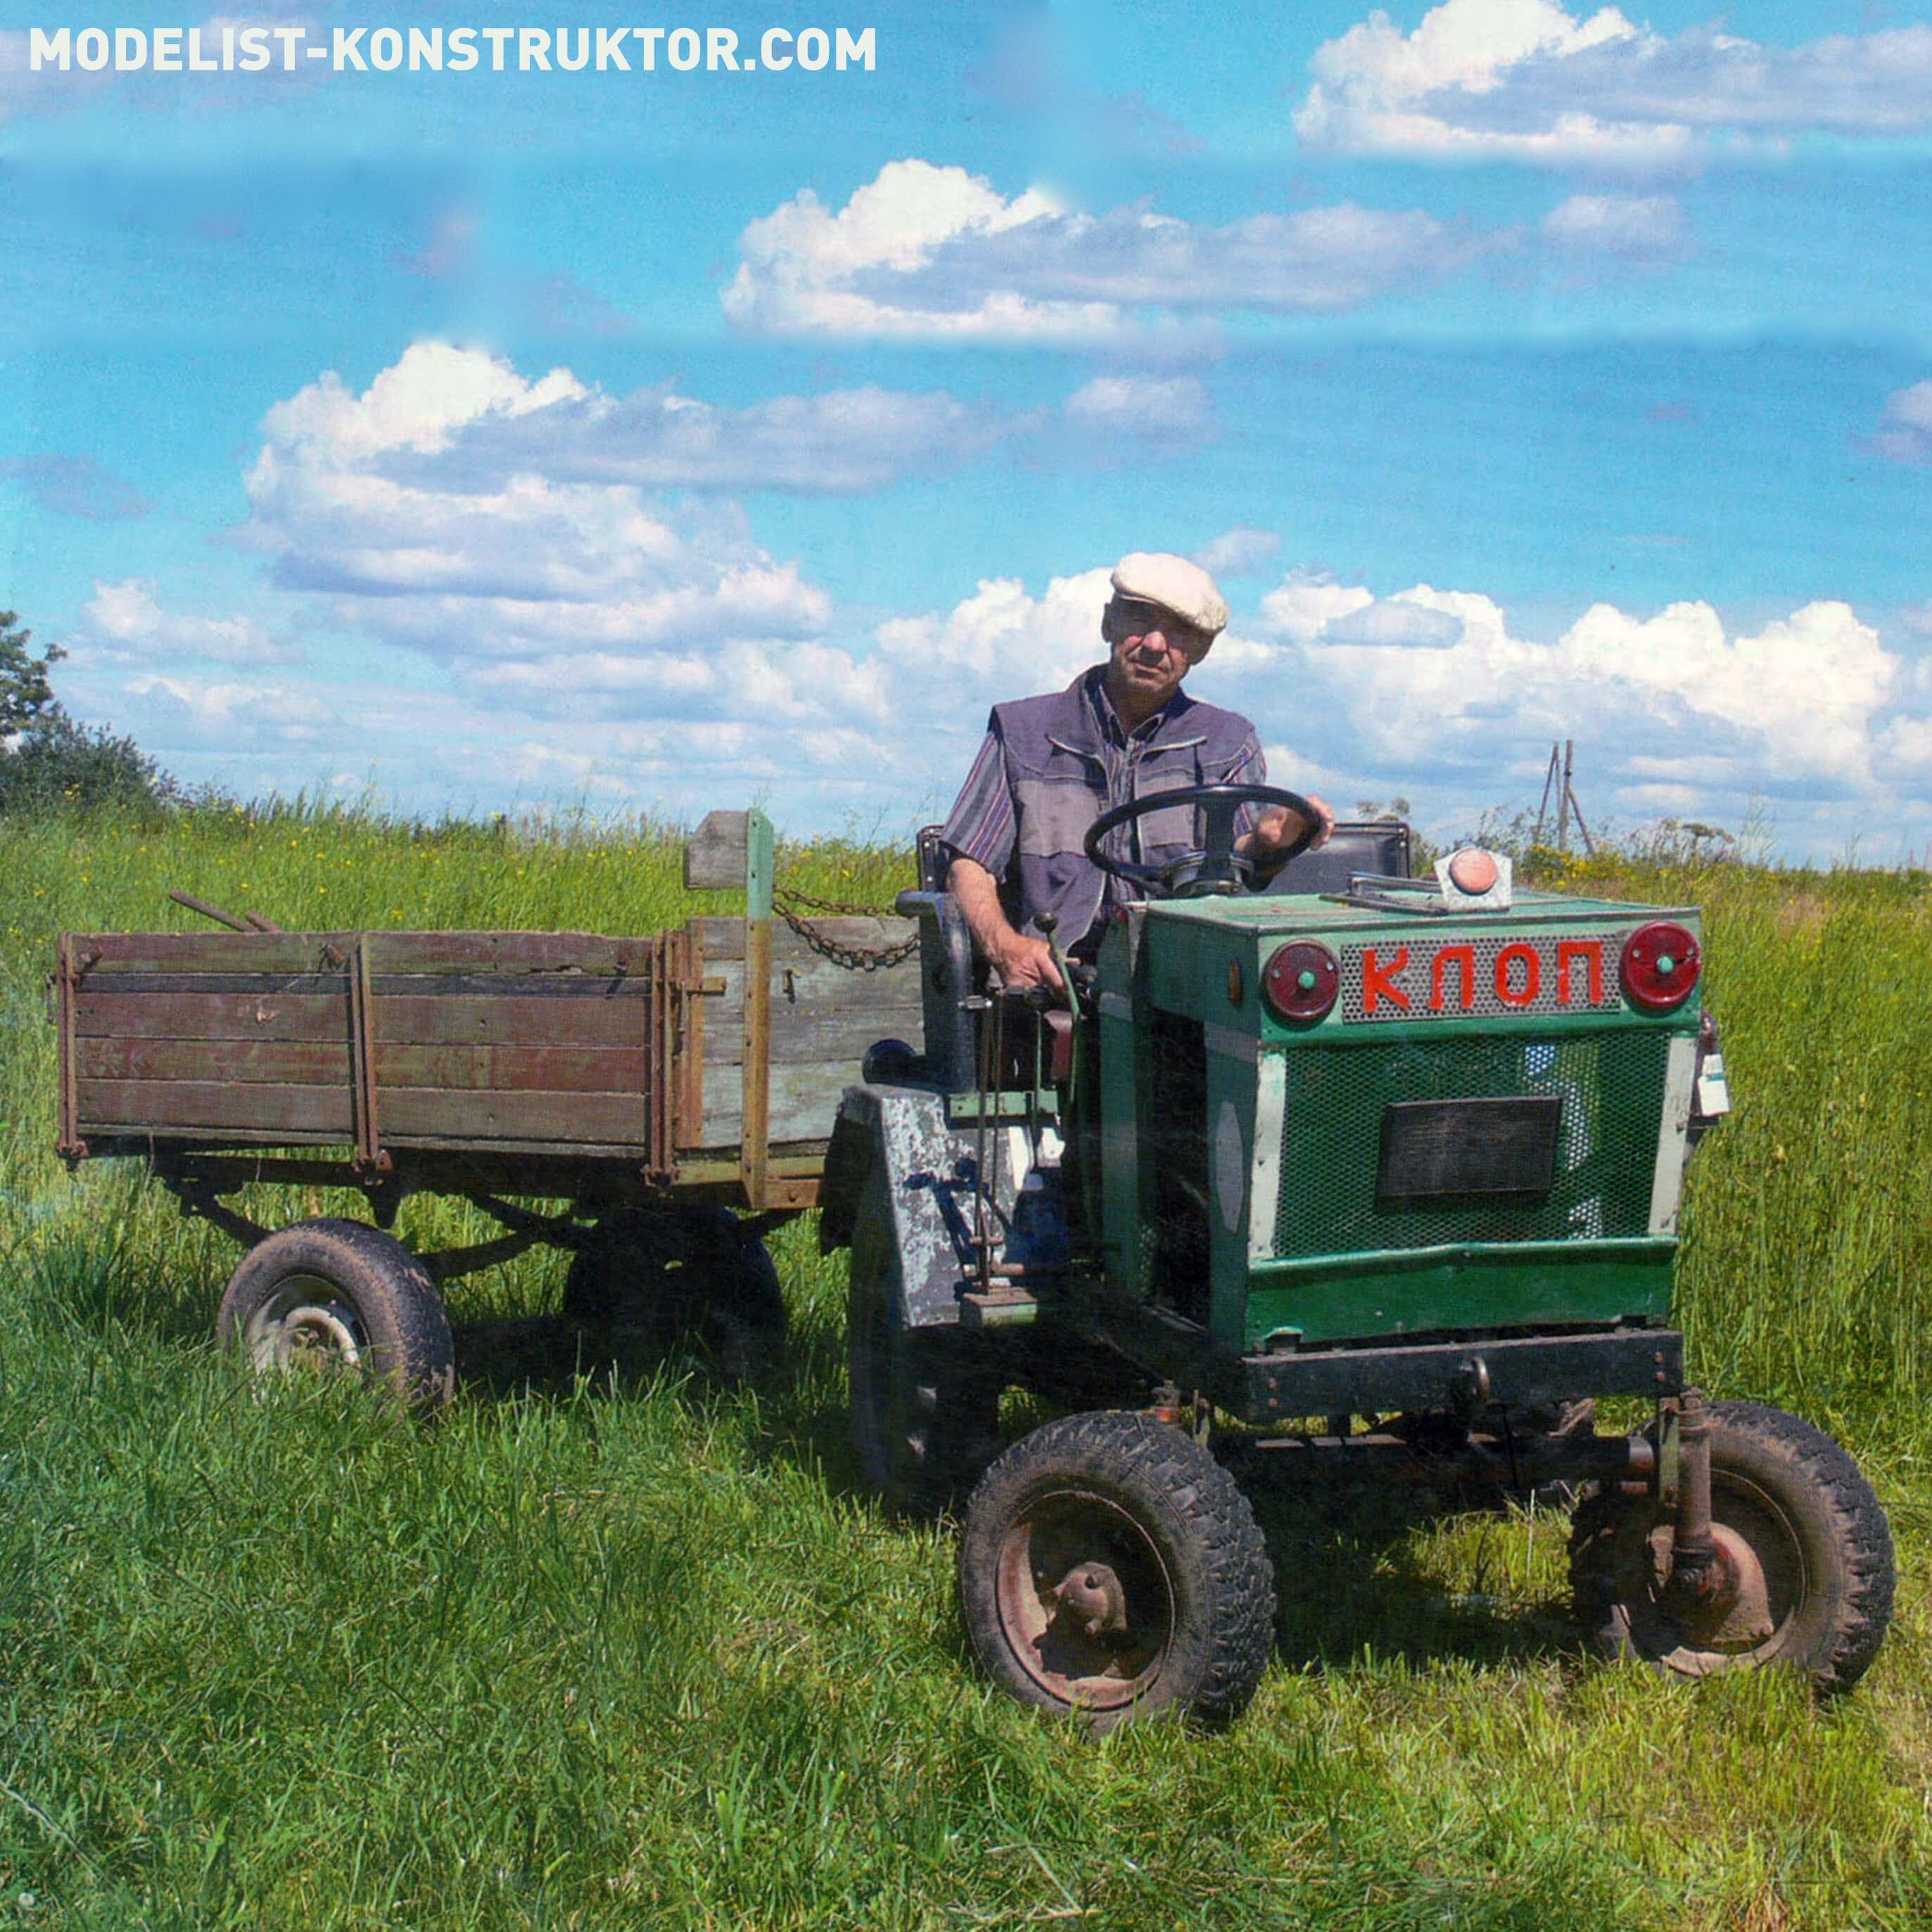 Cамодельные трактора на базе ГАЗ-51, ГАЗ-69, УАЗ-469, Т-40, Москвич-412